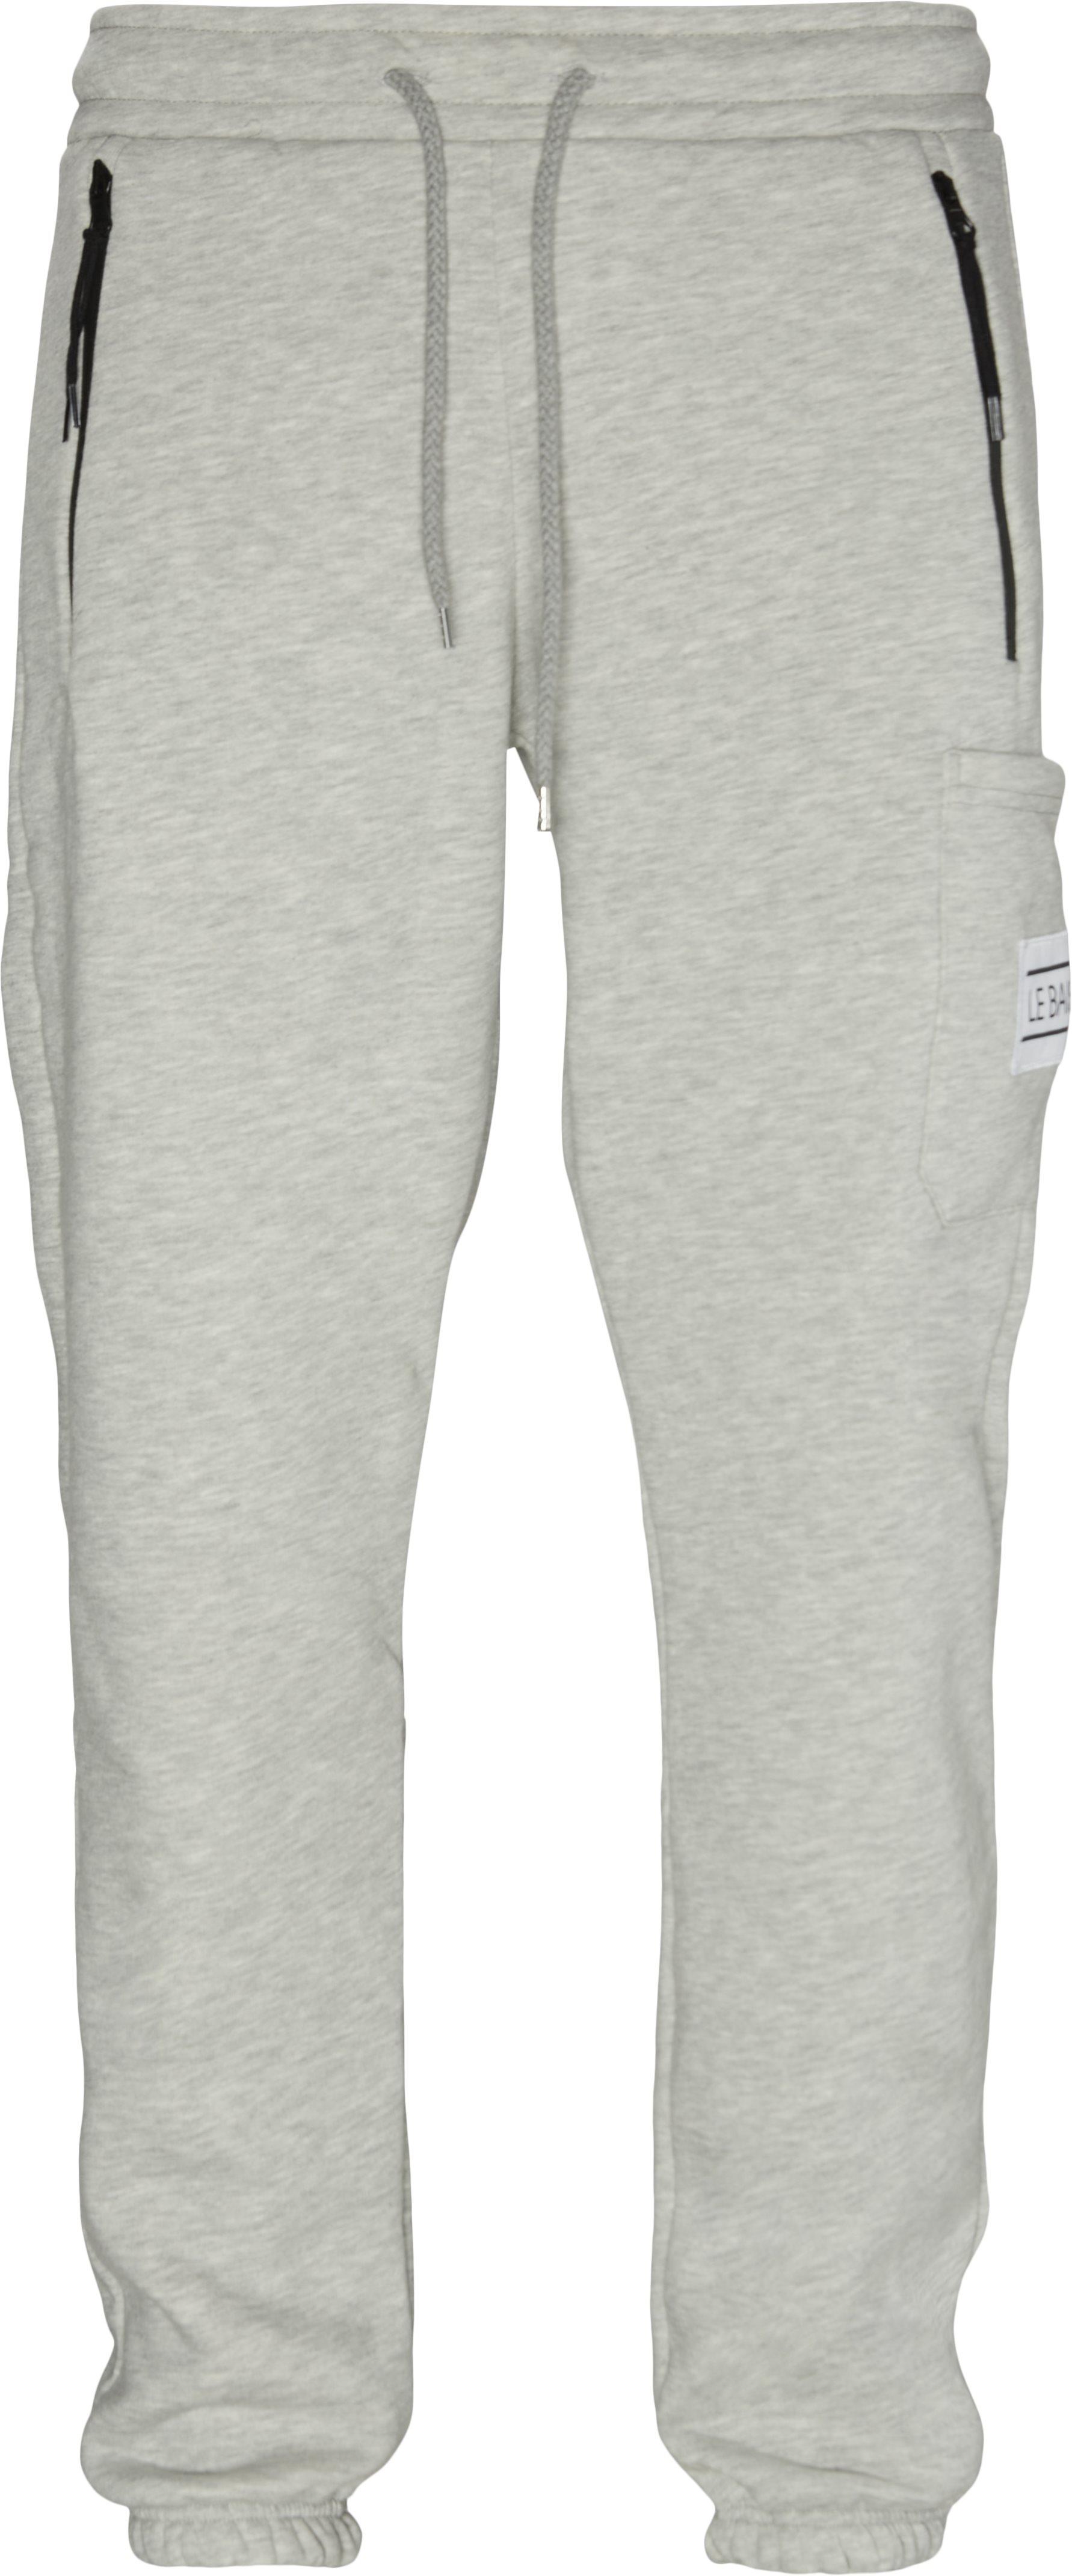 Nationale Sweatpants - Bukser - Regular fit - Grå